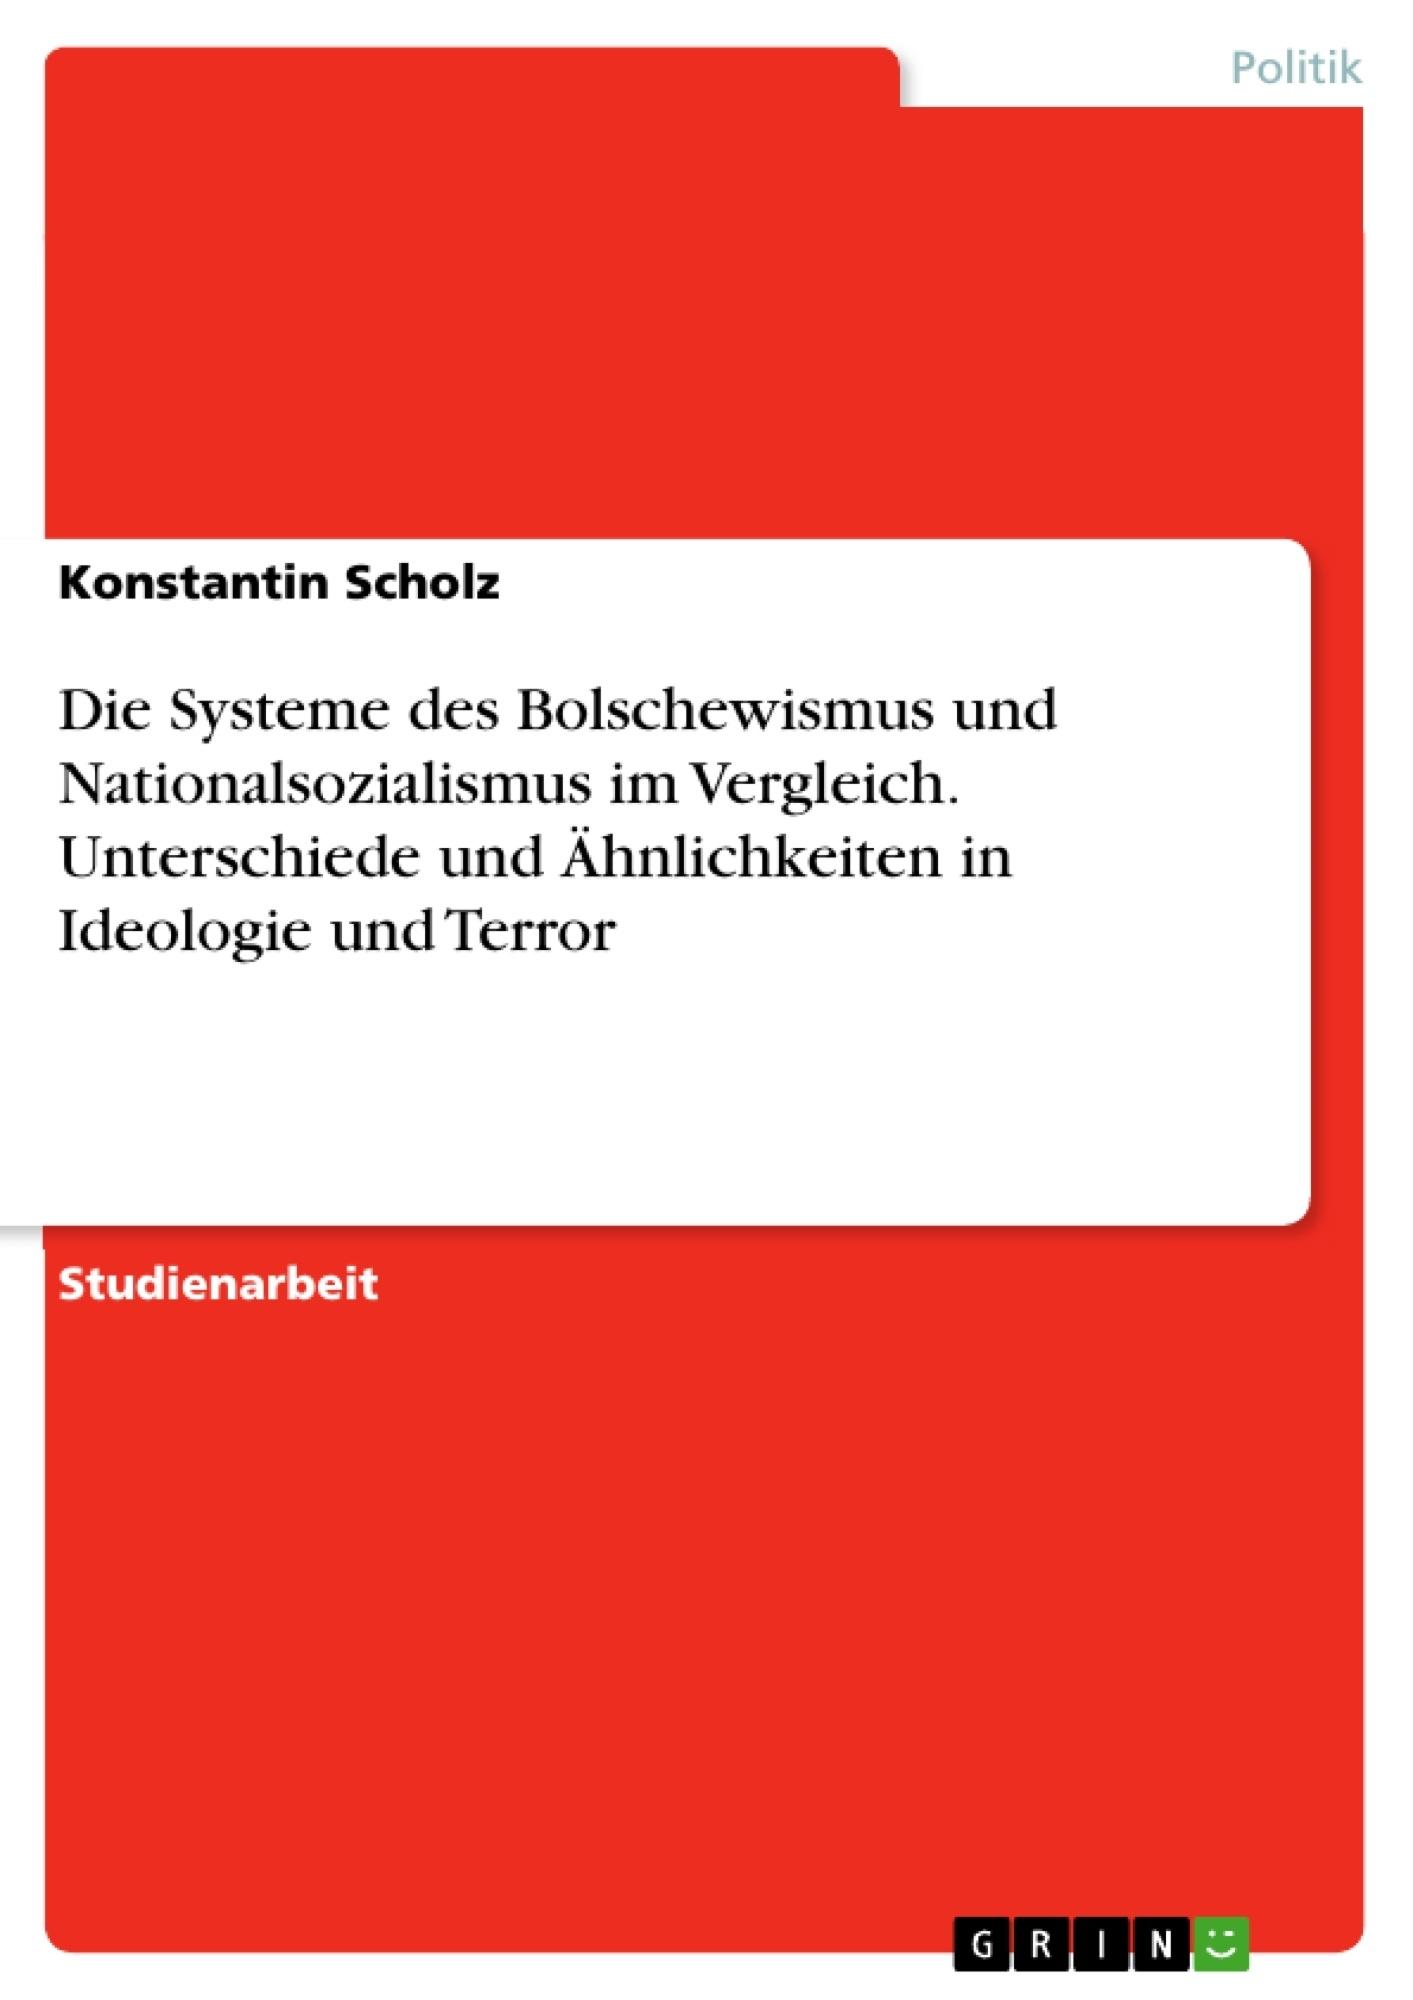 Titel: Die Systeme des Bolschewismus und Nationalsozialismus im Vergleich. Unterschiede und Ähnlichkeiten in Ideologie und Terror